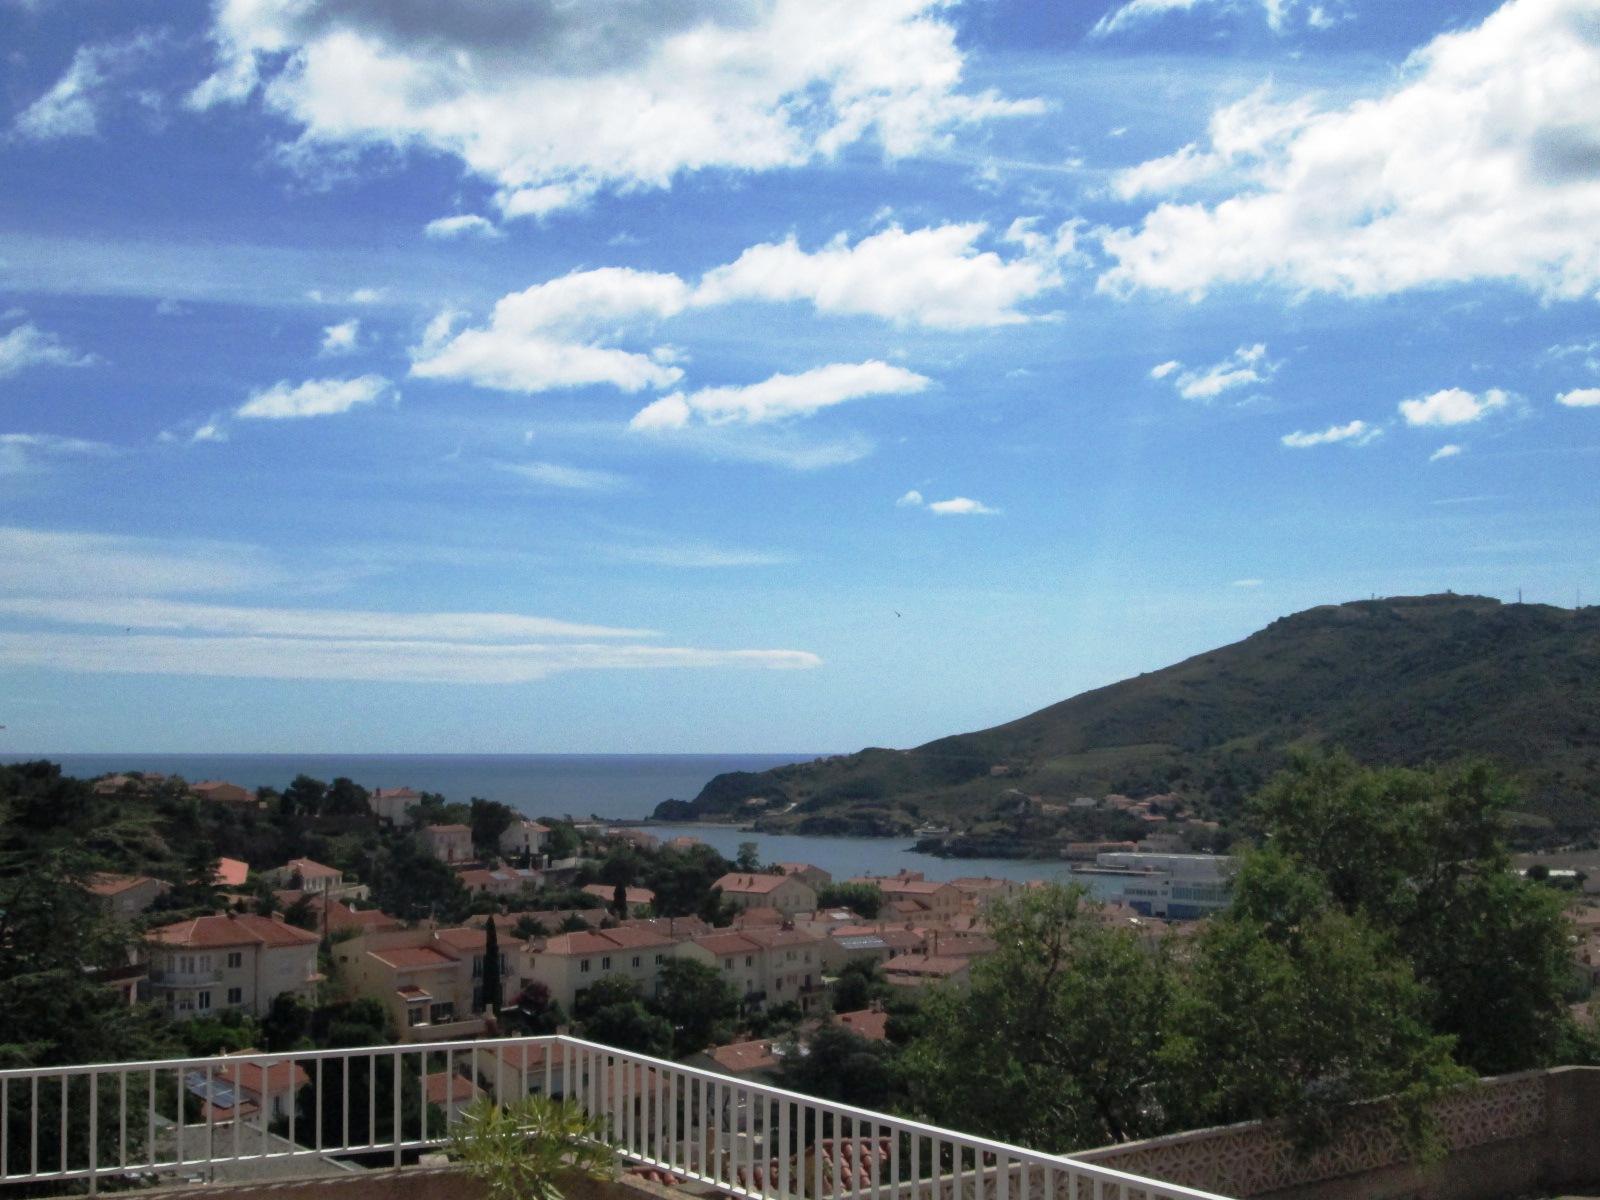 Vente port vendres magnifique villa avec piscine vue mer - Maison de retraite la castellane port vendres ...